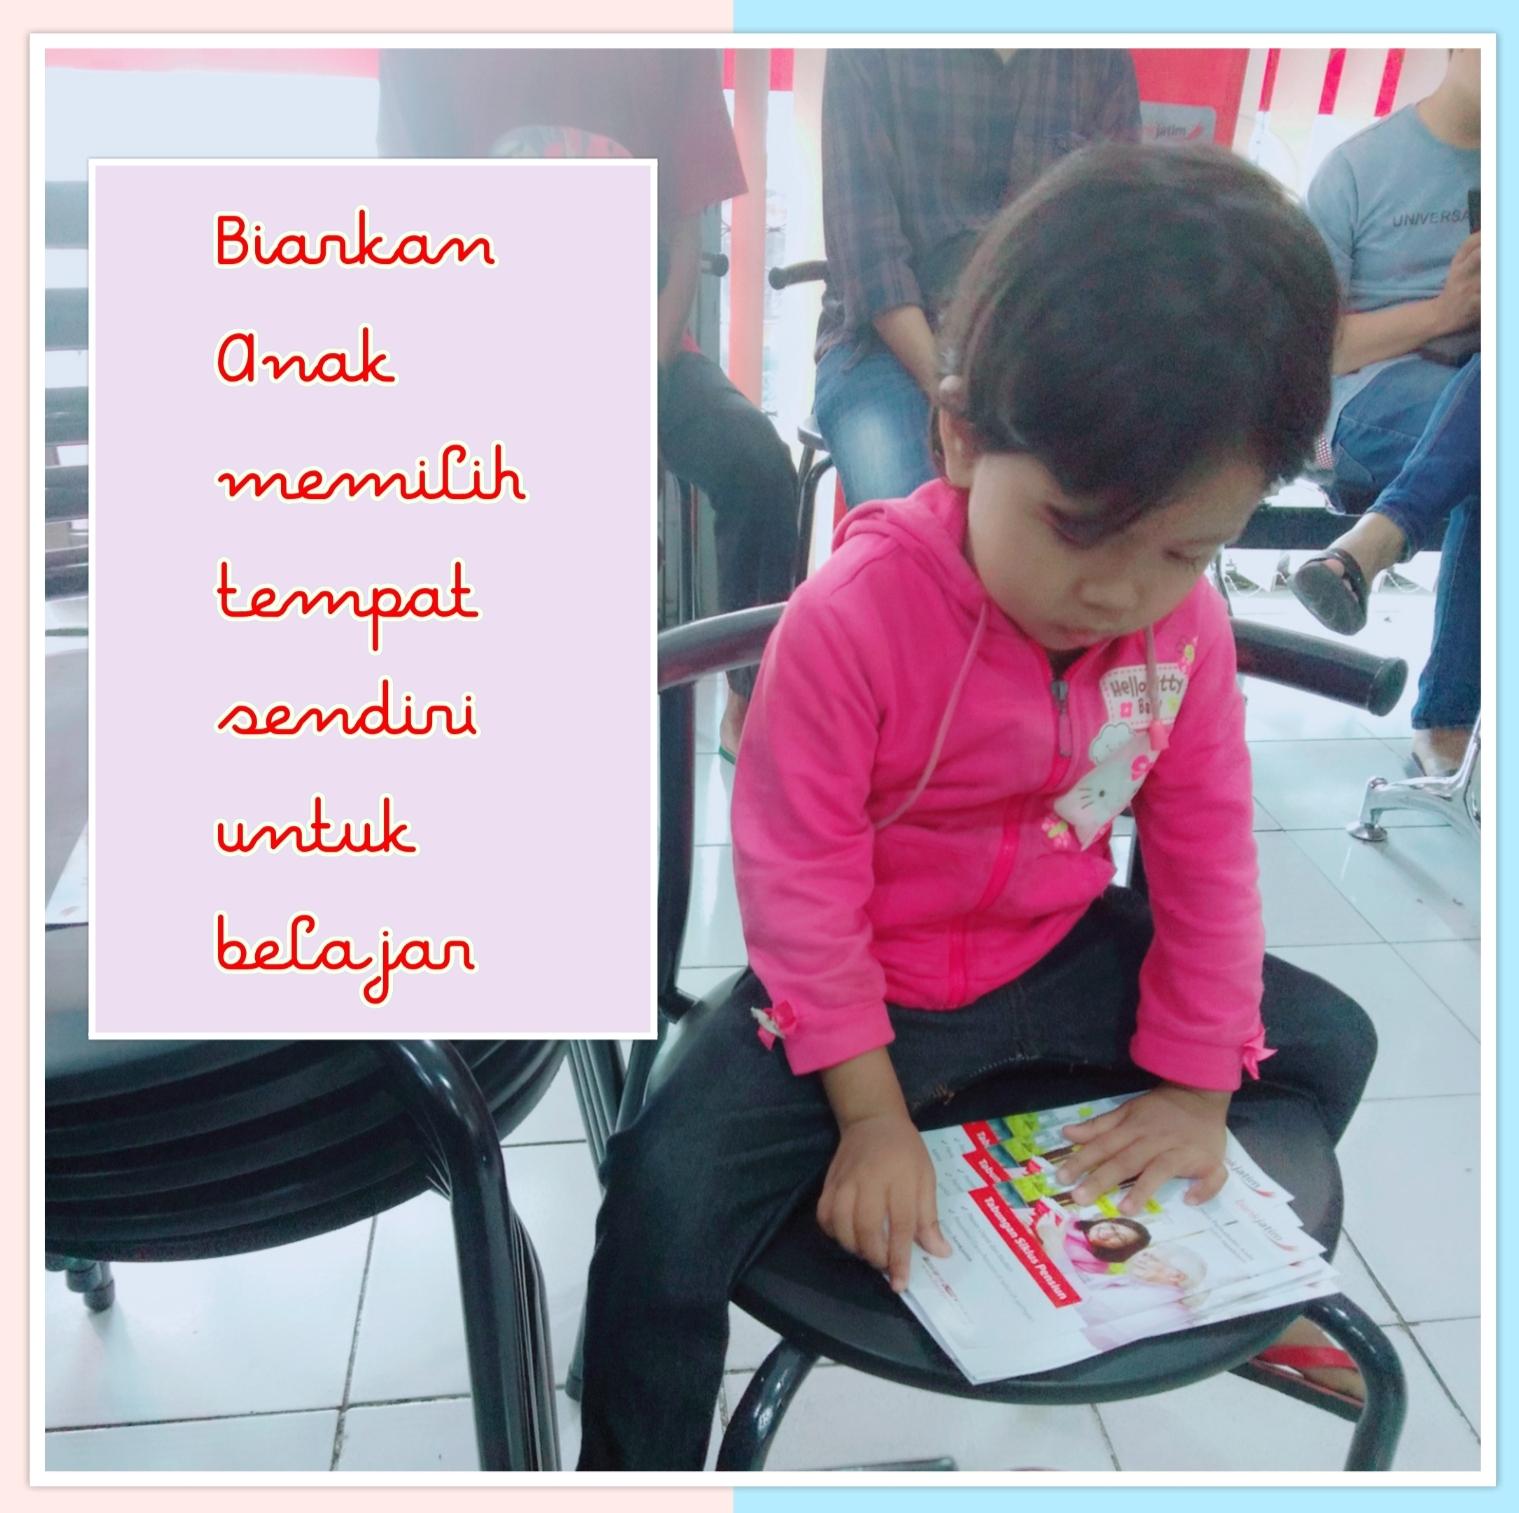 Stimulasi, anak, belajar menulis